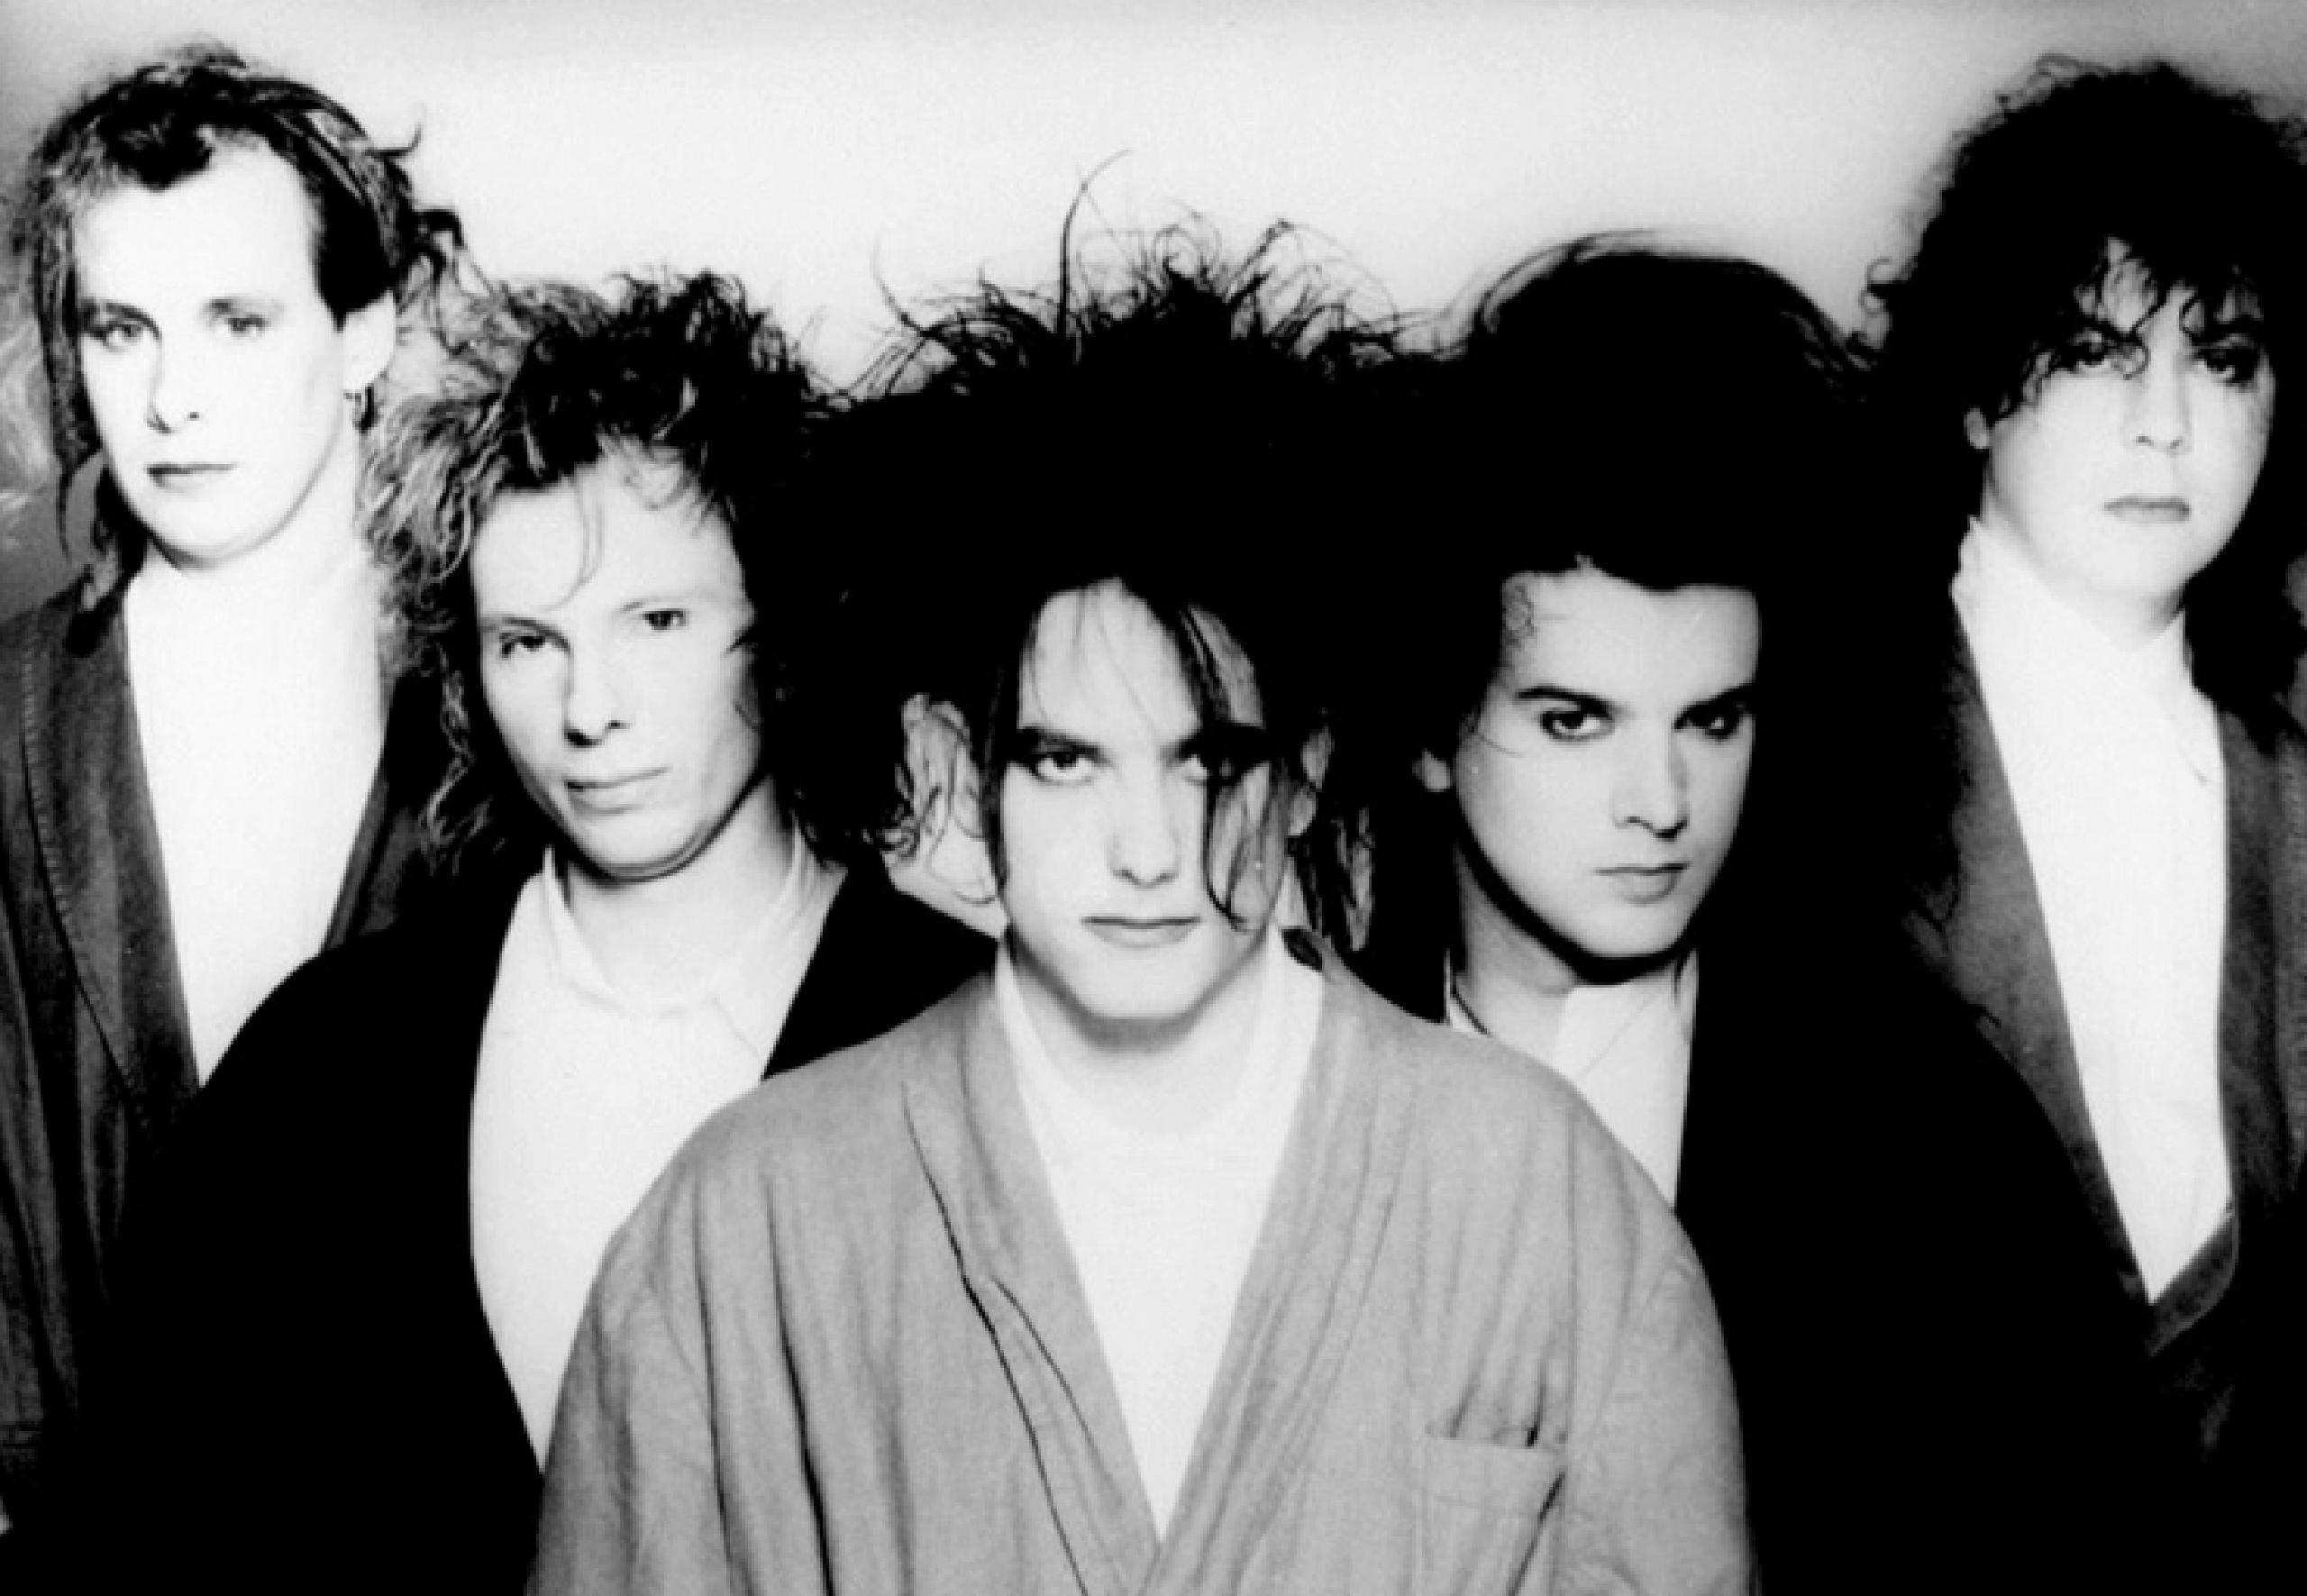 Simon Gallup anunció su regreso a The Cure